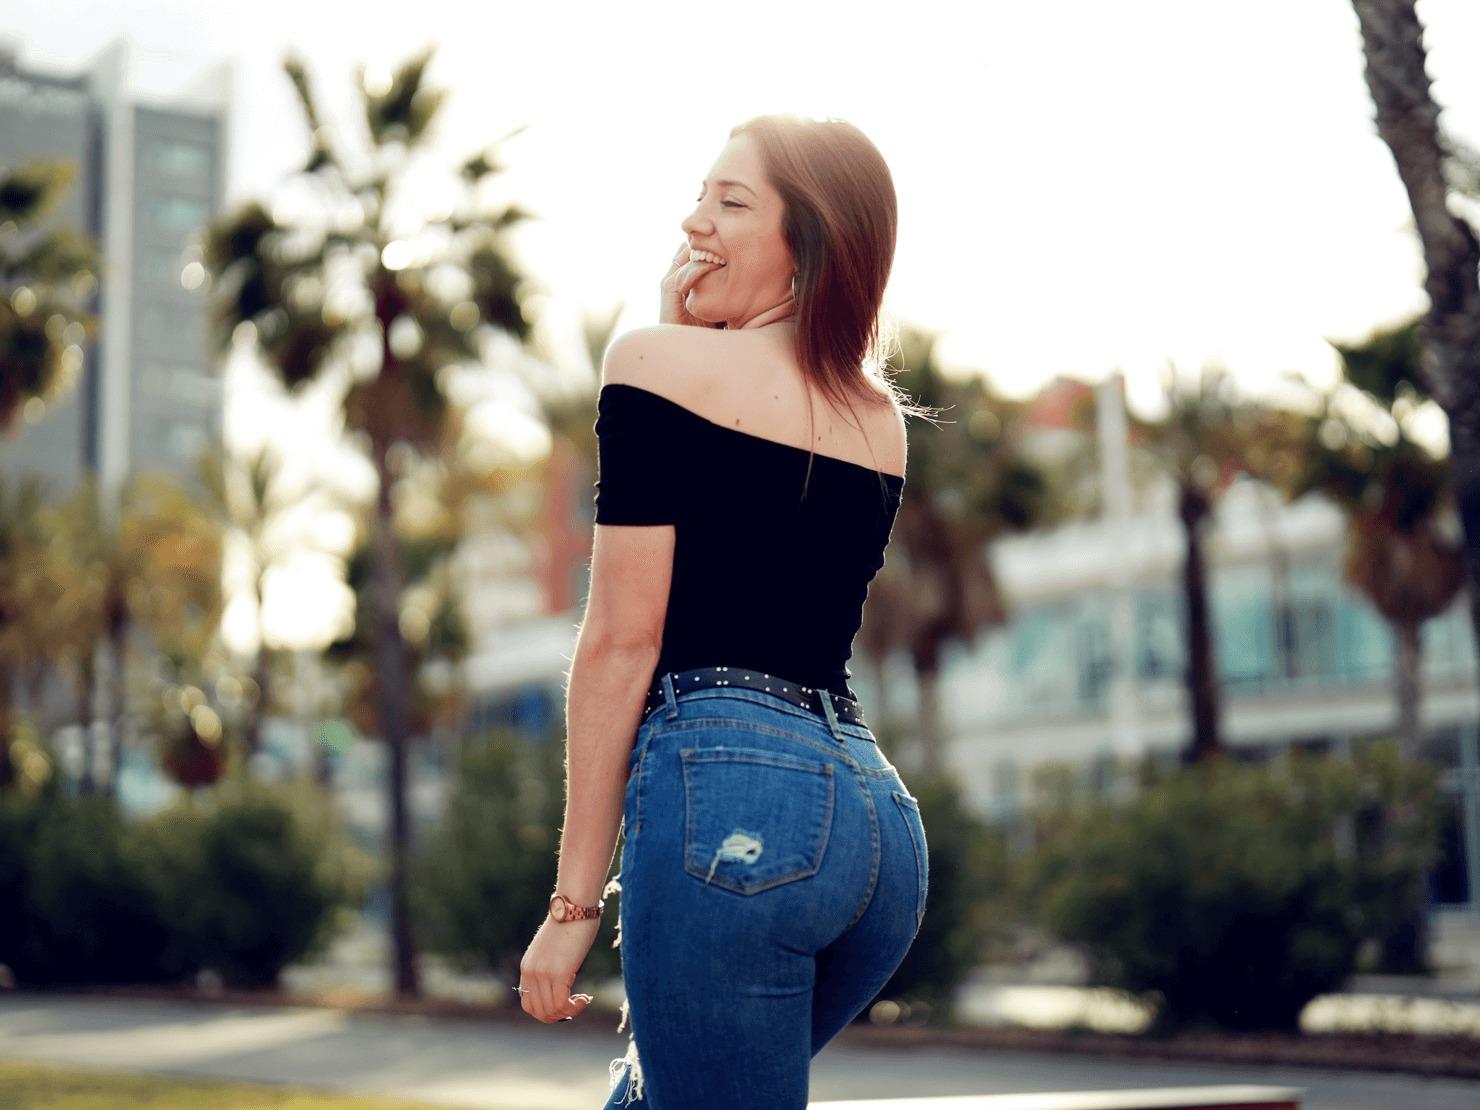 スキニーパンツを履いた女性の写真